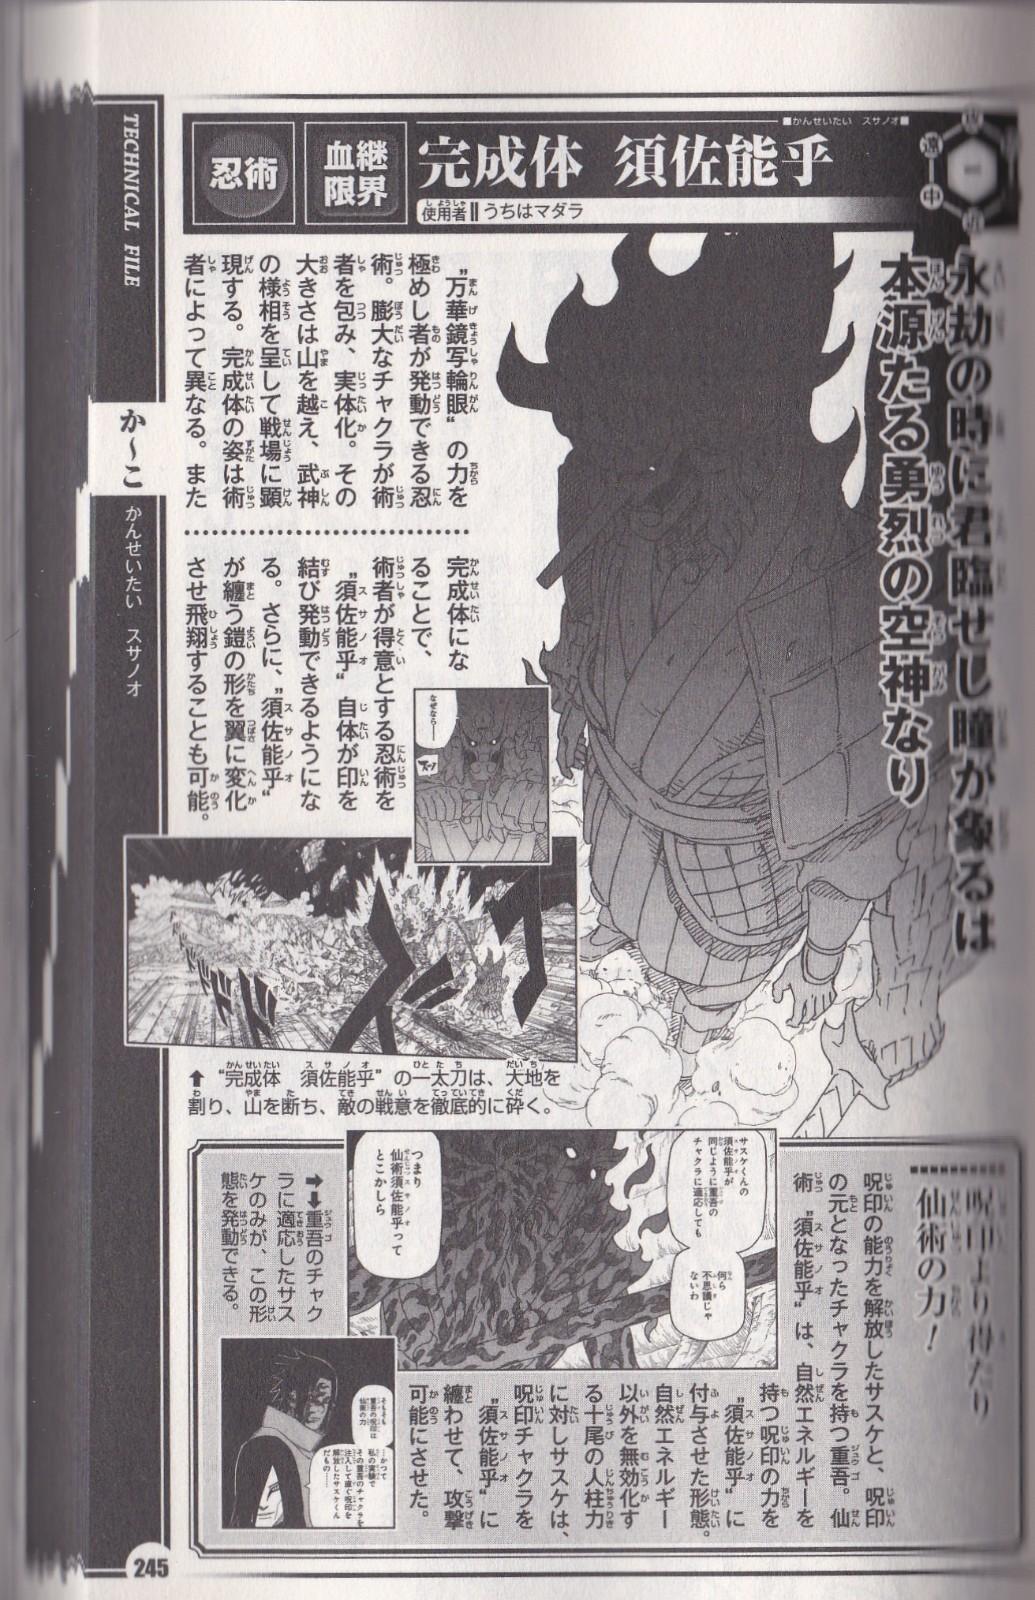 Um dos piores tops de Naruto que eu já vi - Página 4 9a1vle